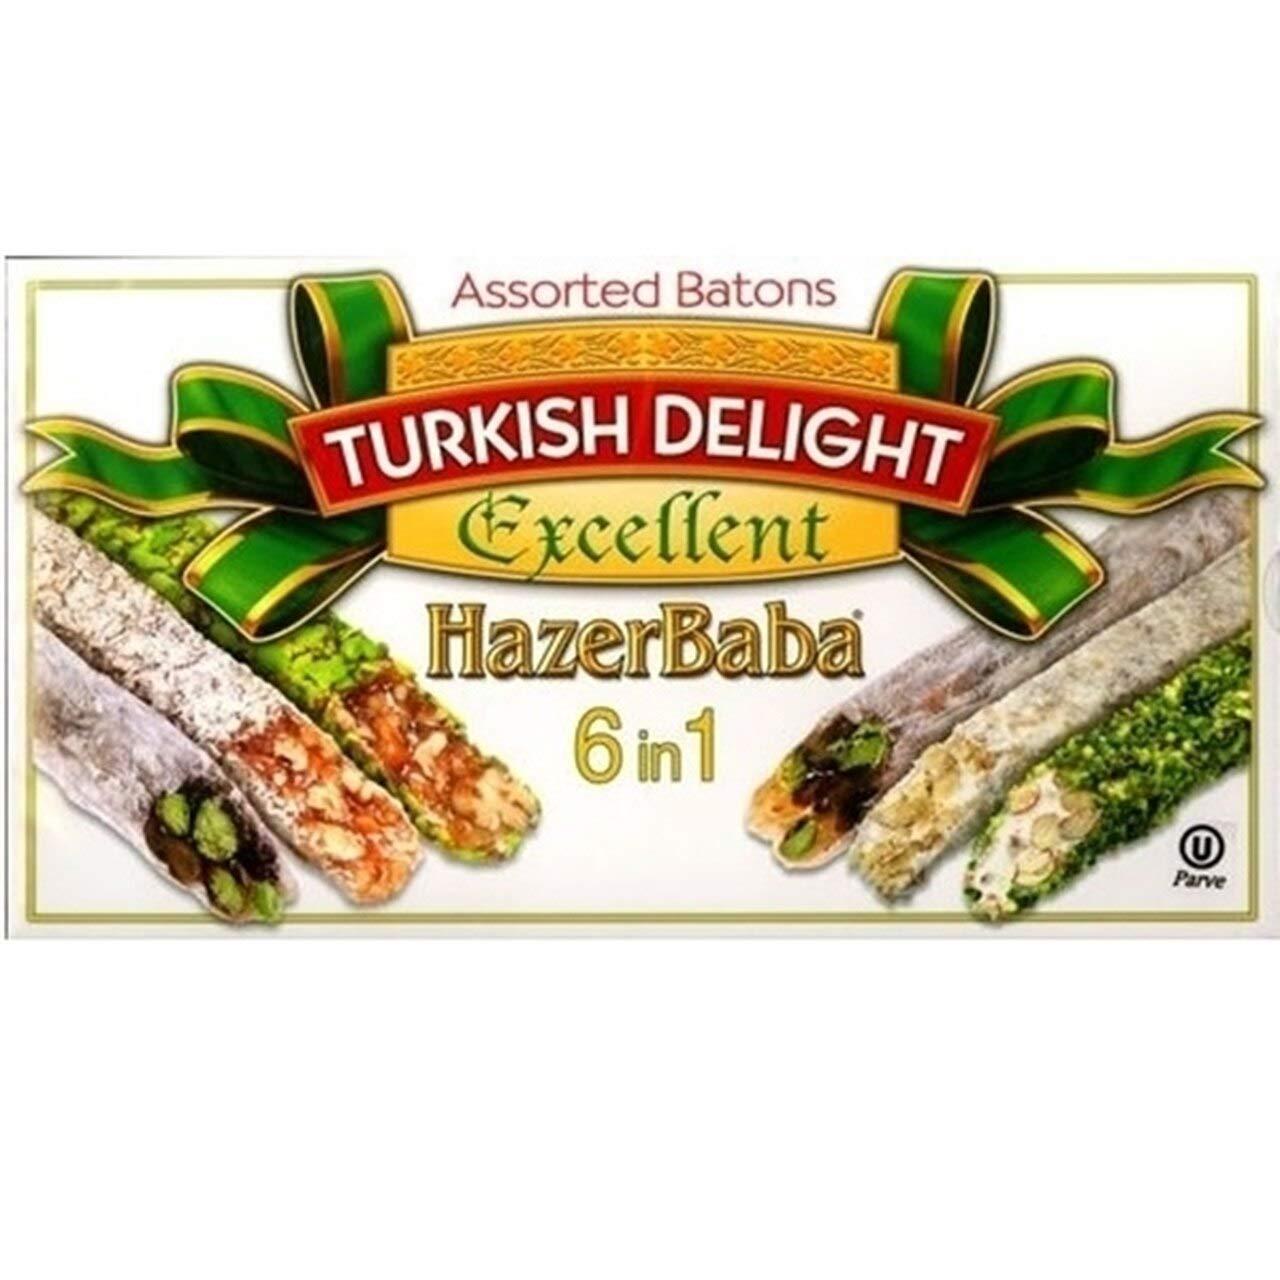 Hazer Baba Mixed Turkish Delight Assorted Batons, 350g by HazerBaba